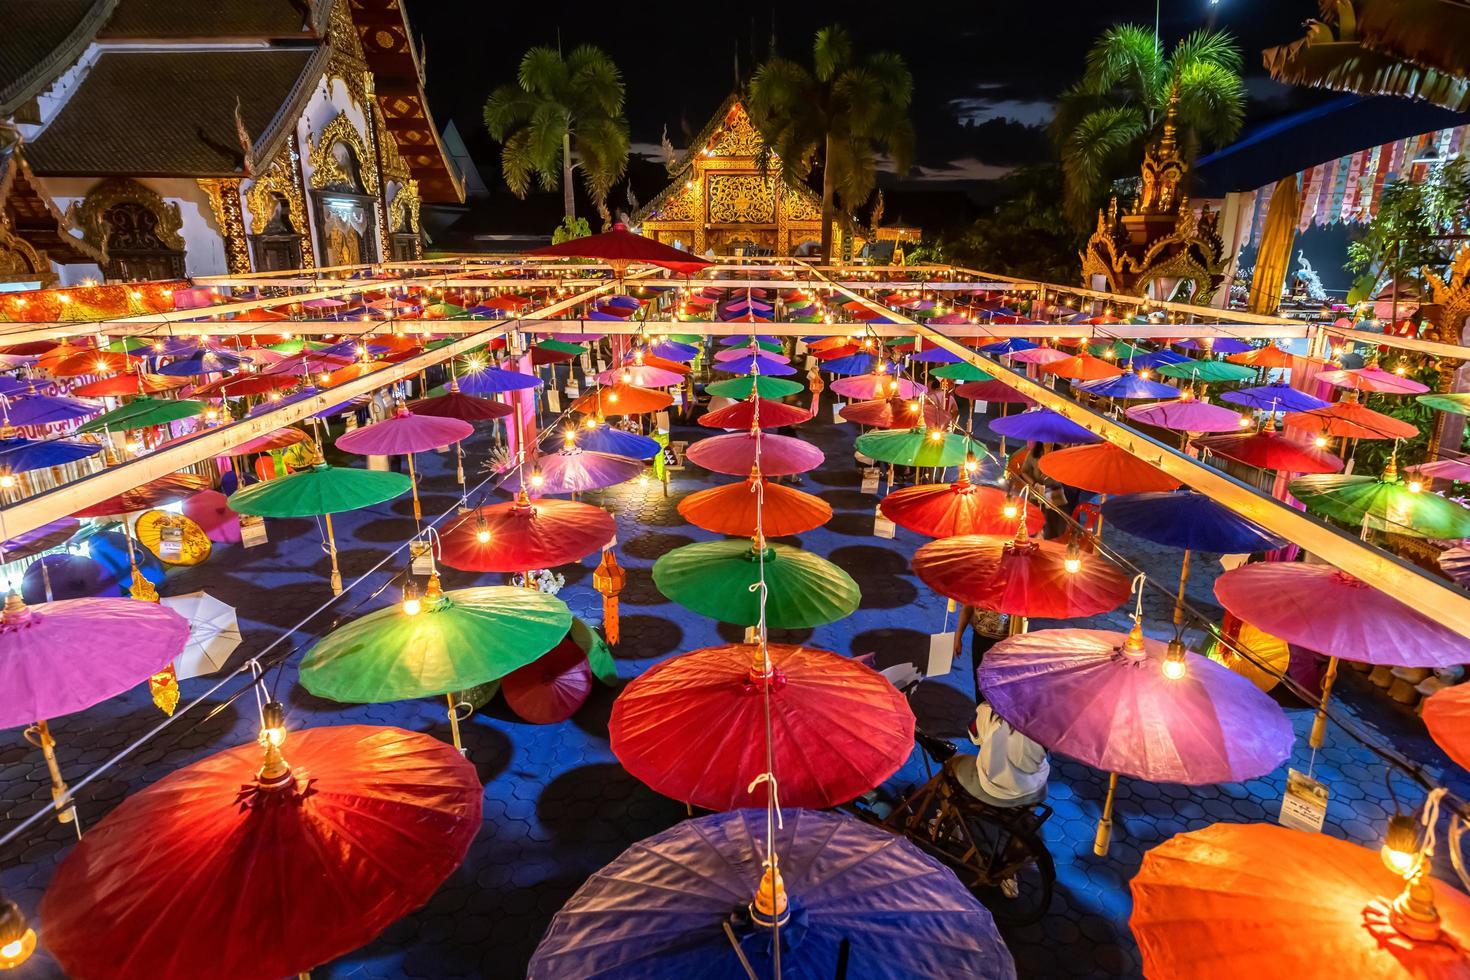 linternas vintage de papel de colores brillantes colgaban cerca de un templo budista en Tailandia foto